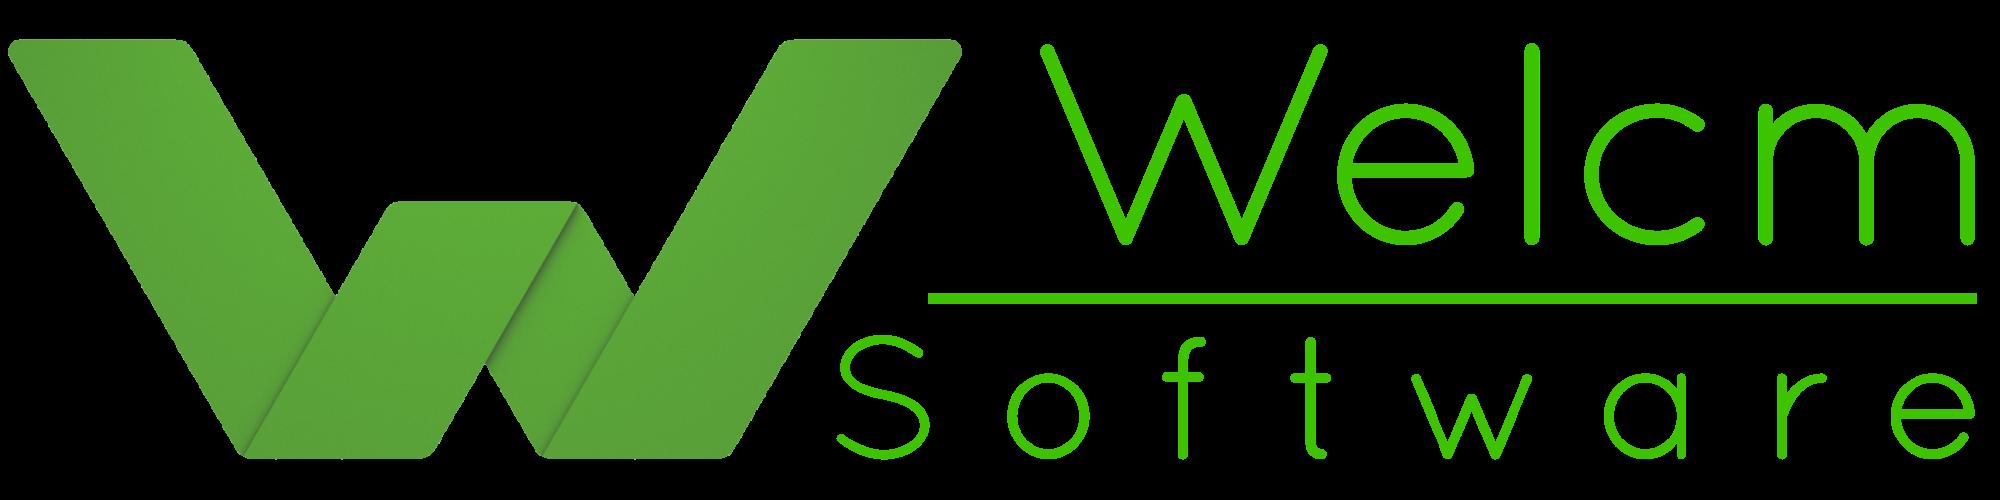 Welcm Software Blog - Custom Error Pages in Laravel | Welcm